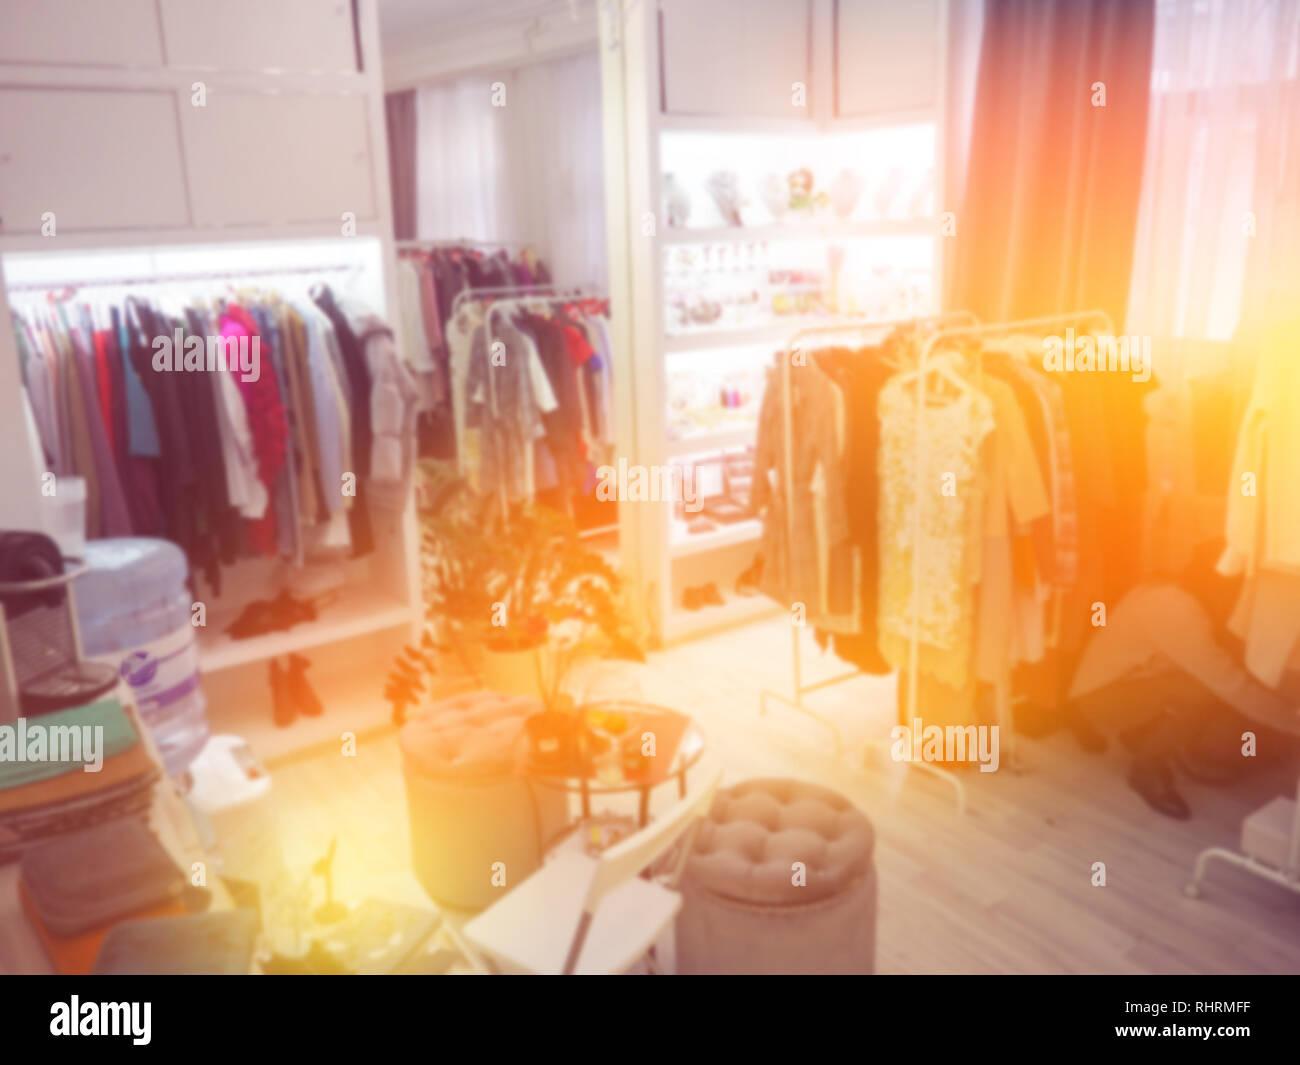 Vêtements floue sur le crochet dans une boutique de vêtements. Flou abstrait flou artistique et centre commercial du ministère de l'intérieur du magasin pour l'arrière plan. Banque D'Images